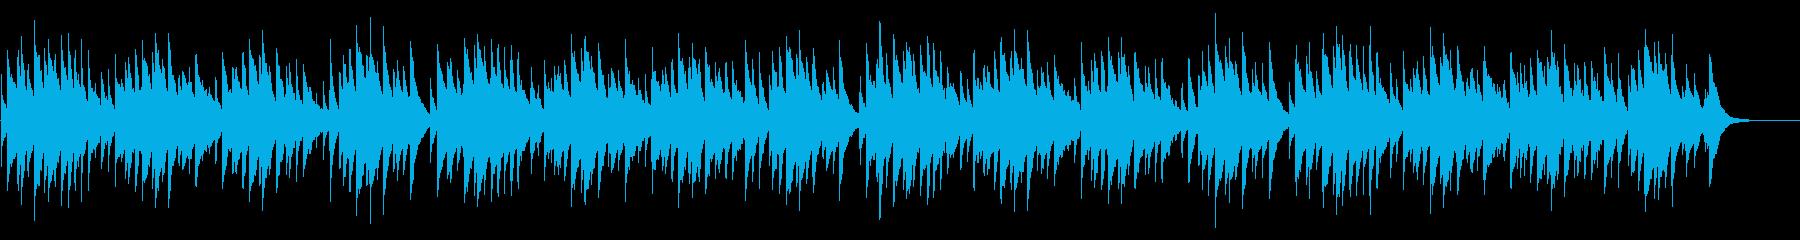 蛍の光 72弁オルゴールの再生済みの波形